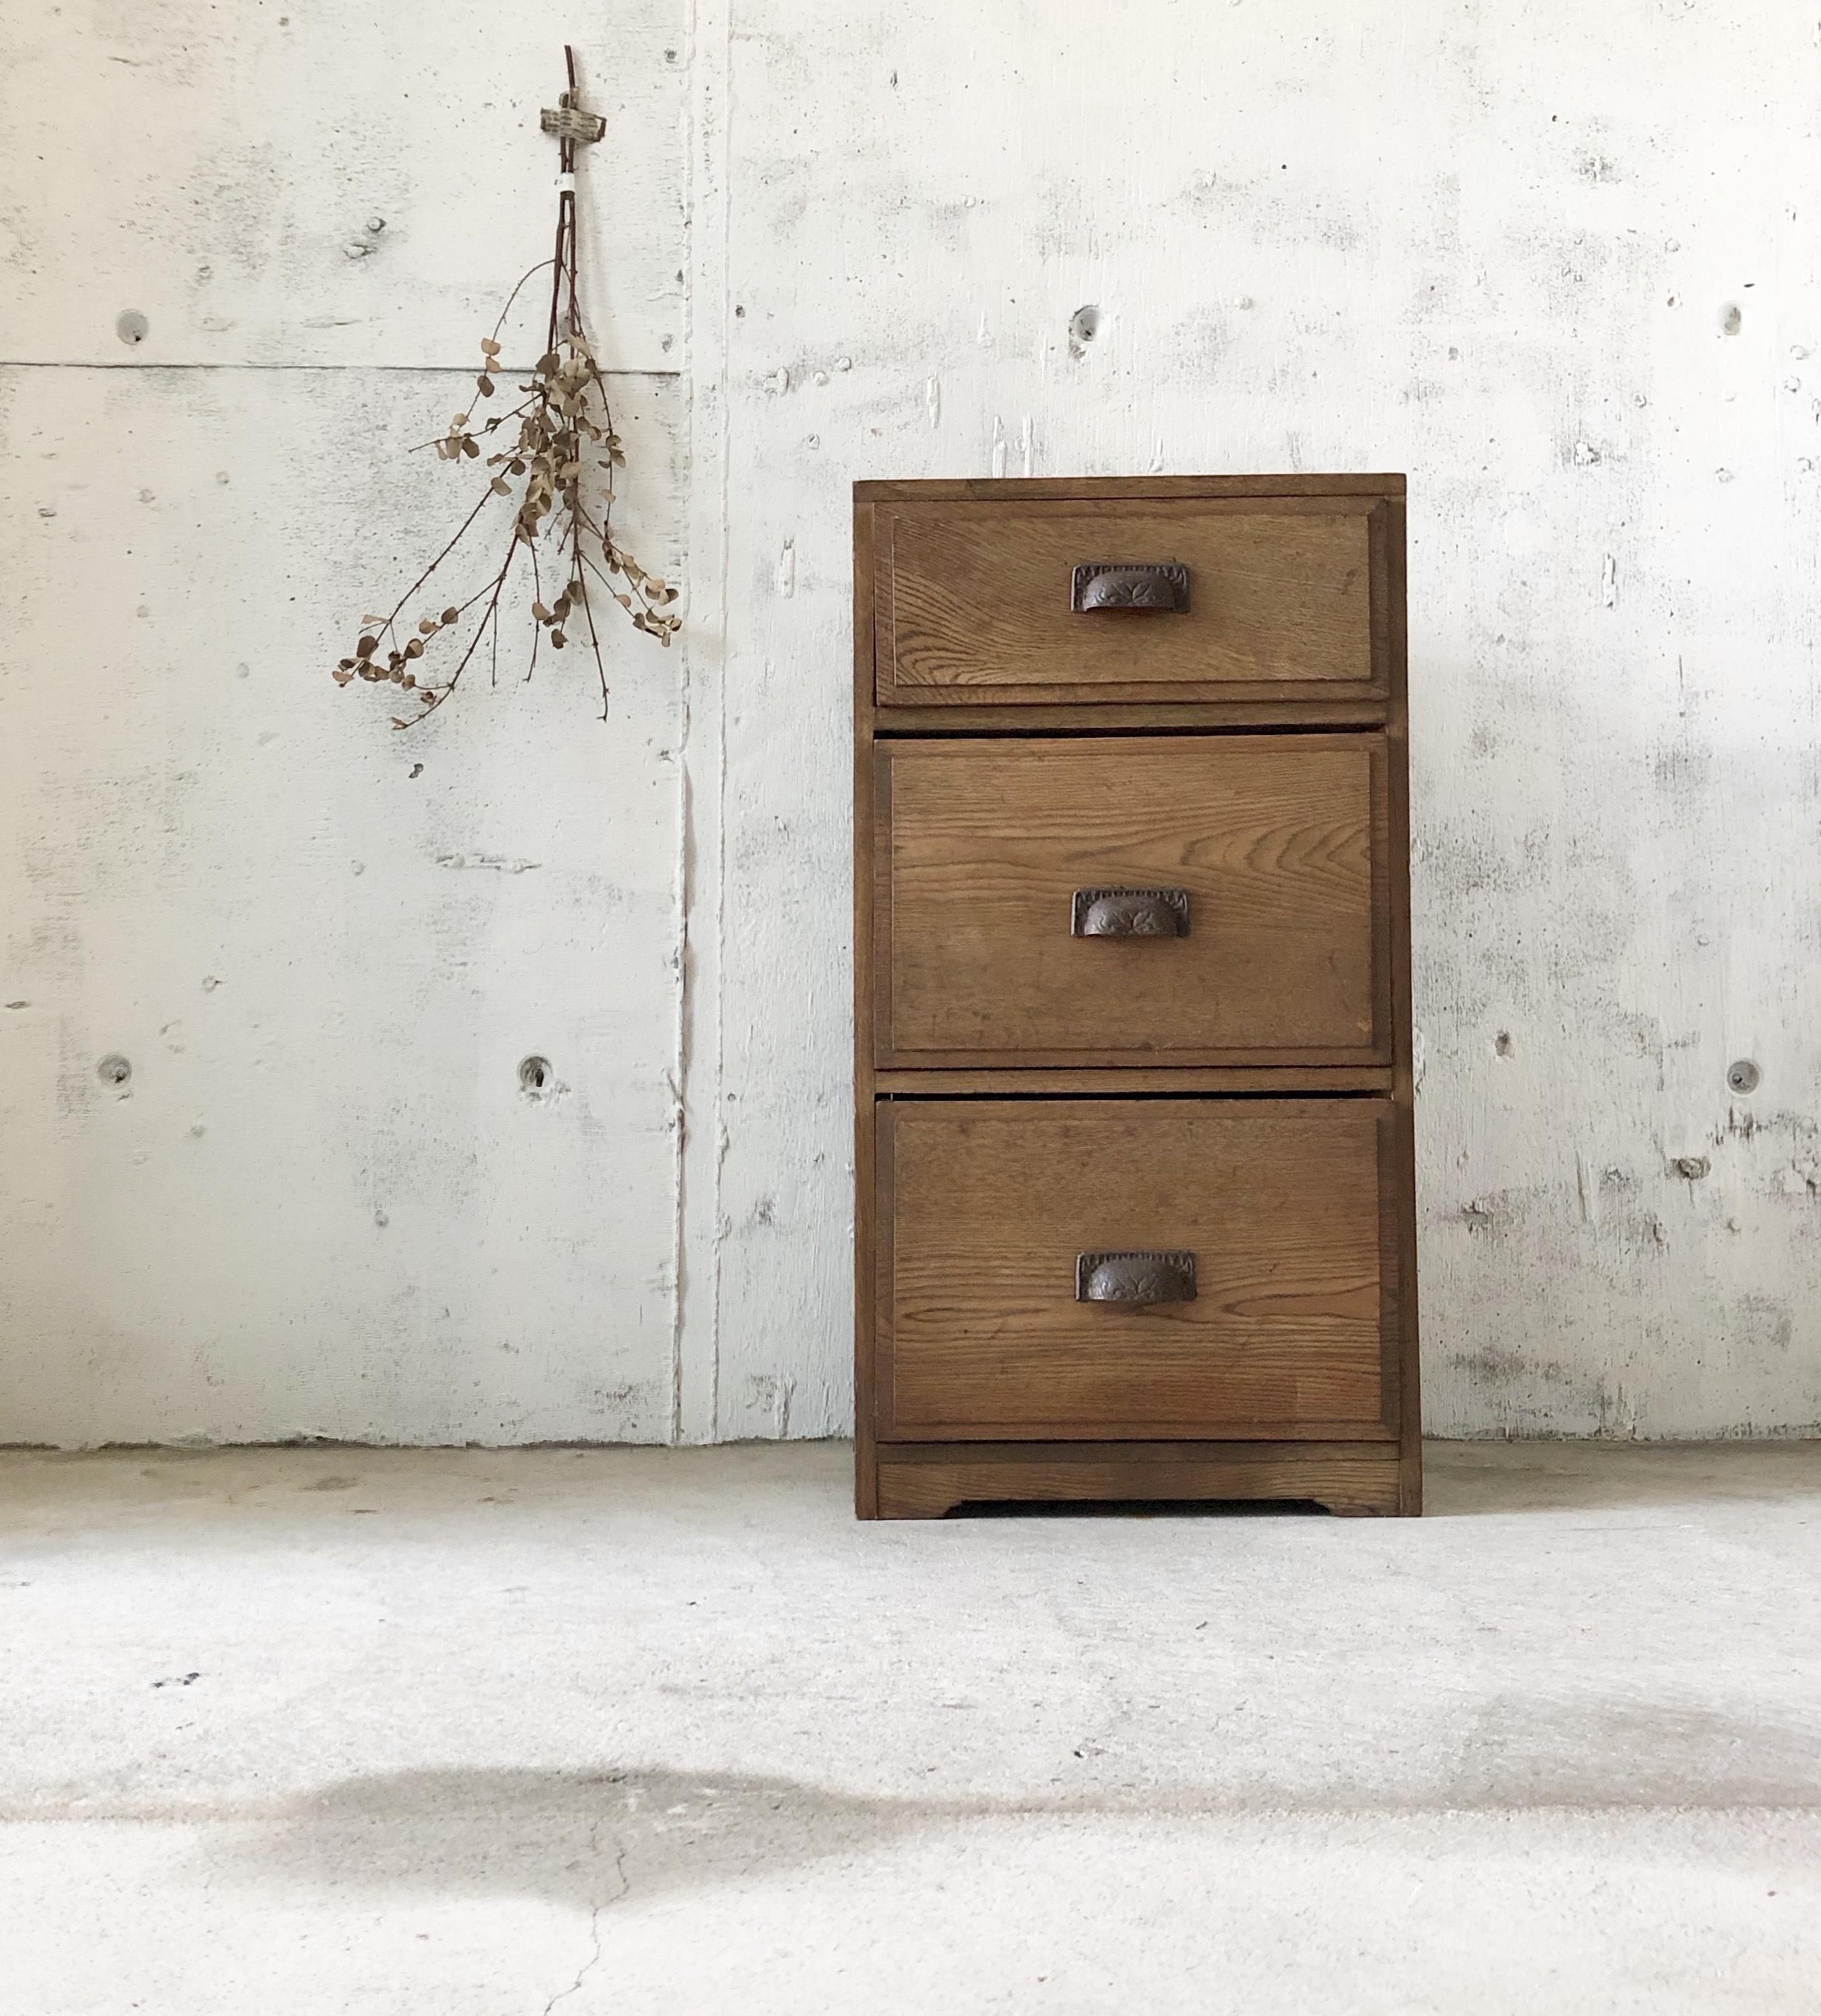 背のある真鍮取手の収納棚[古家具]